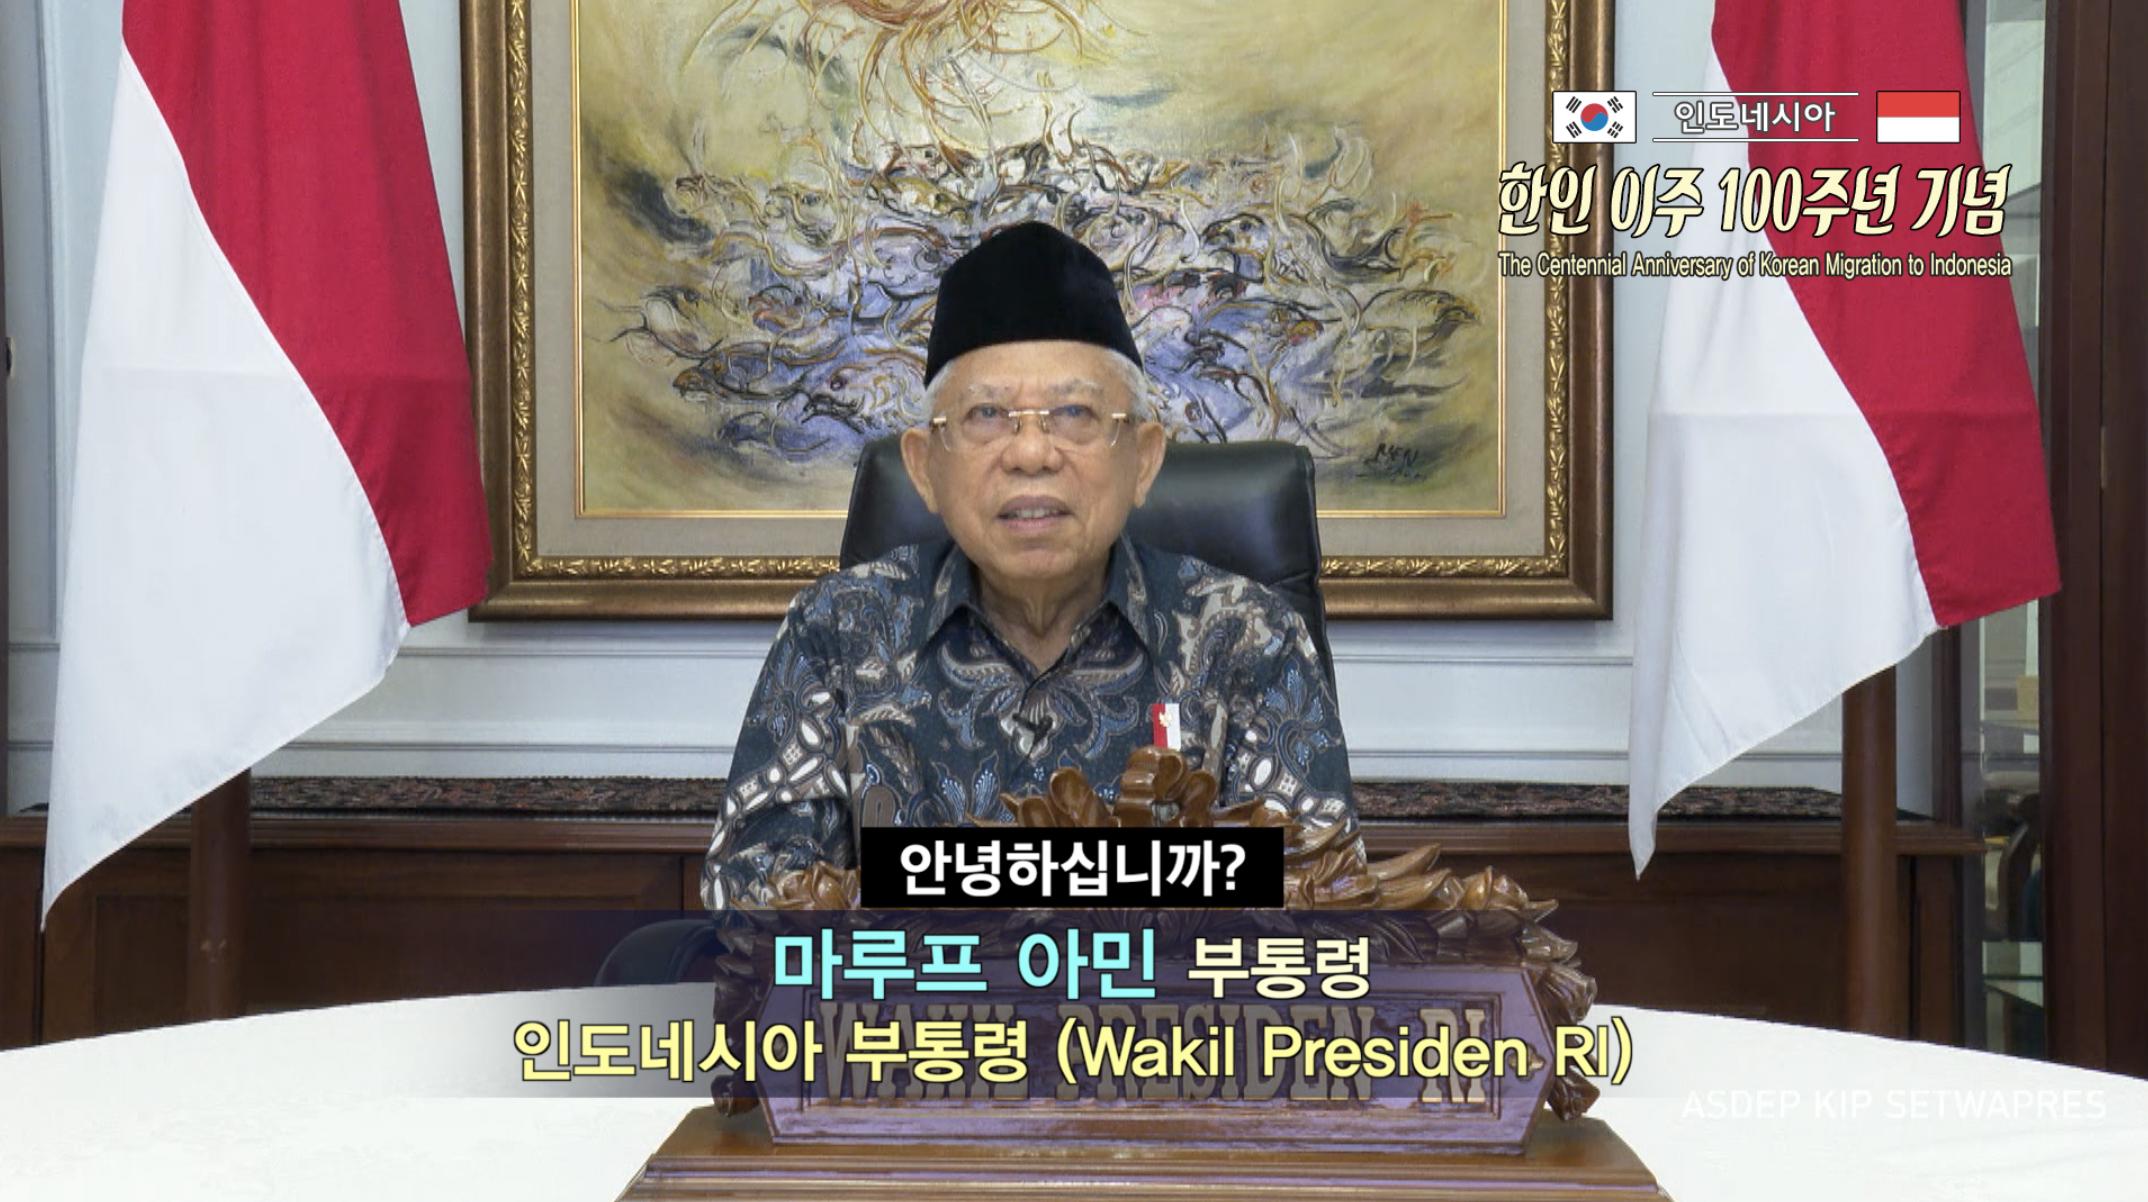 인도네시아 부통령인 마루프 아민(Ma'ruf Amin)의 축사